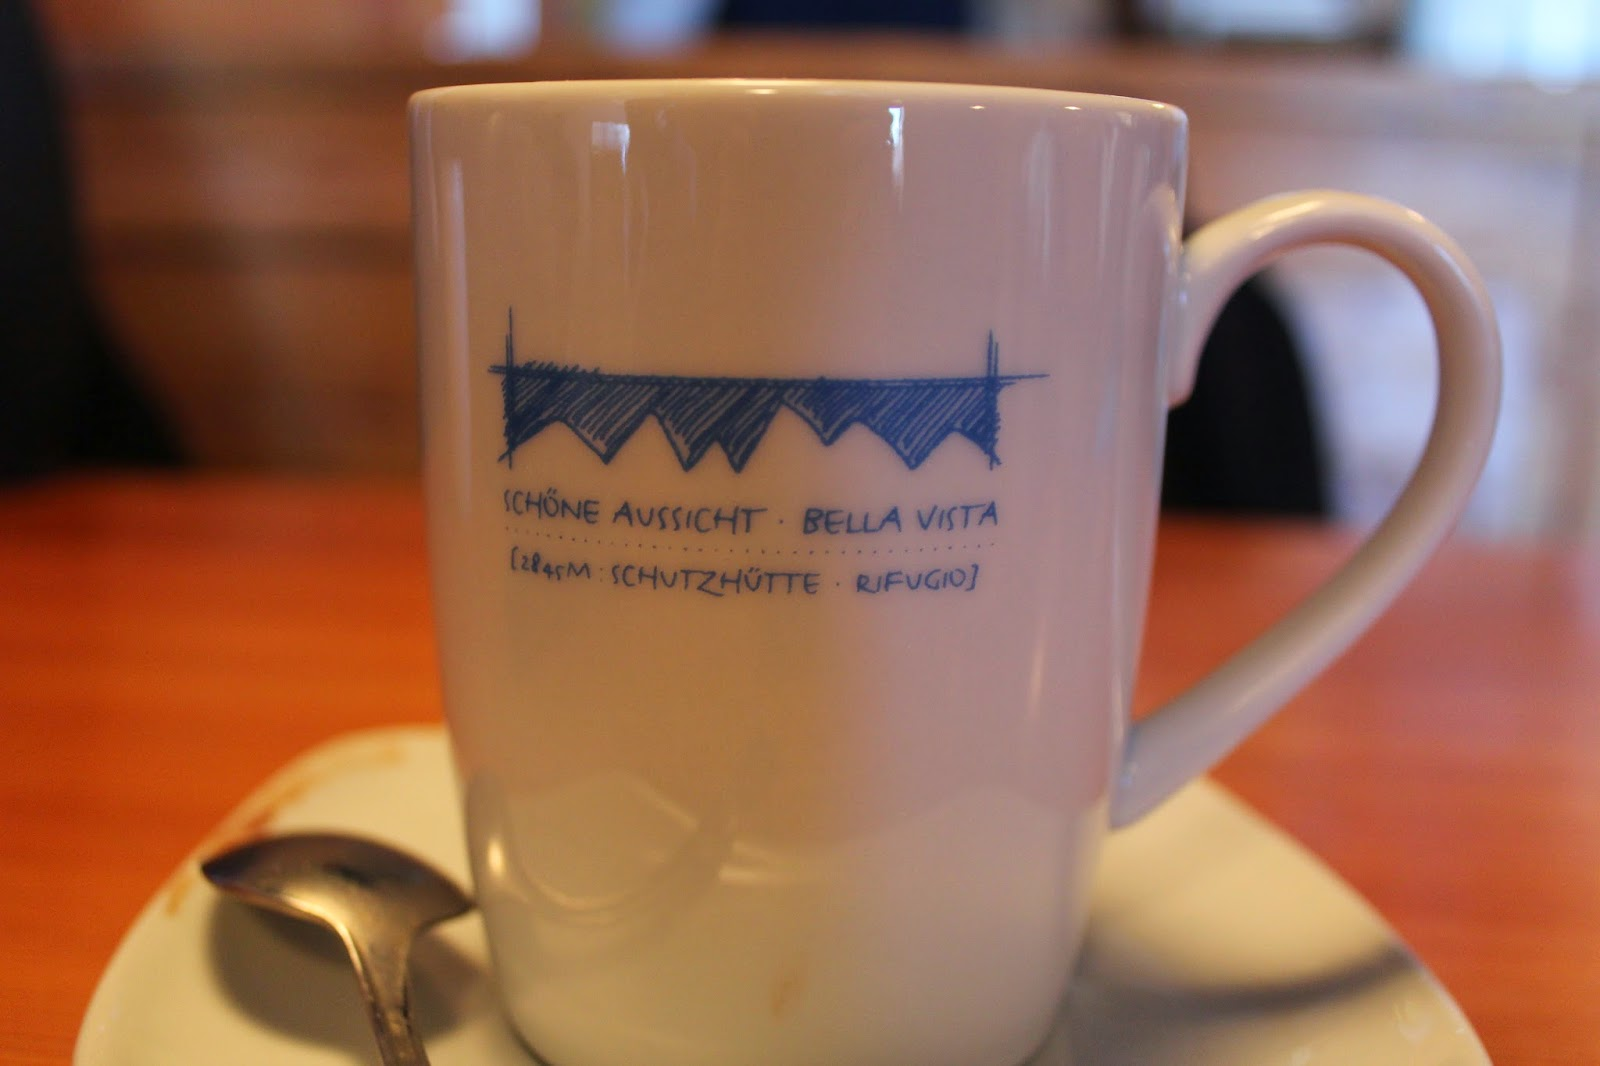 bella vista,biały kubek do kawy herbaty,gorąca czekolada,hot chocolate maso corto